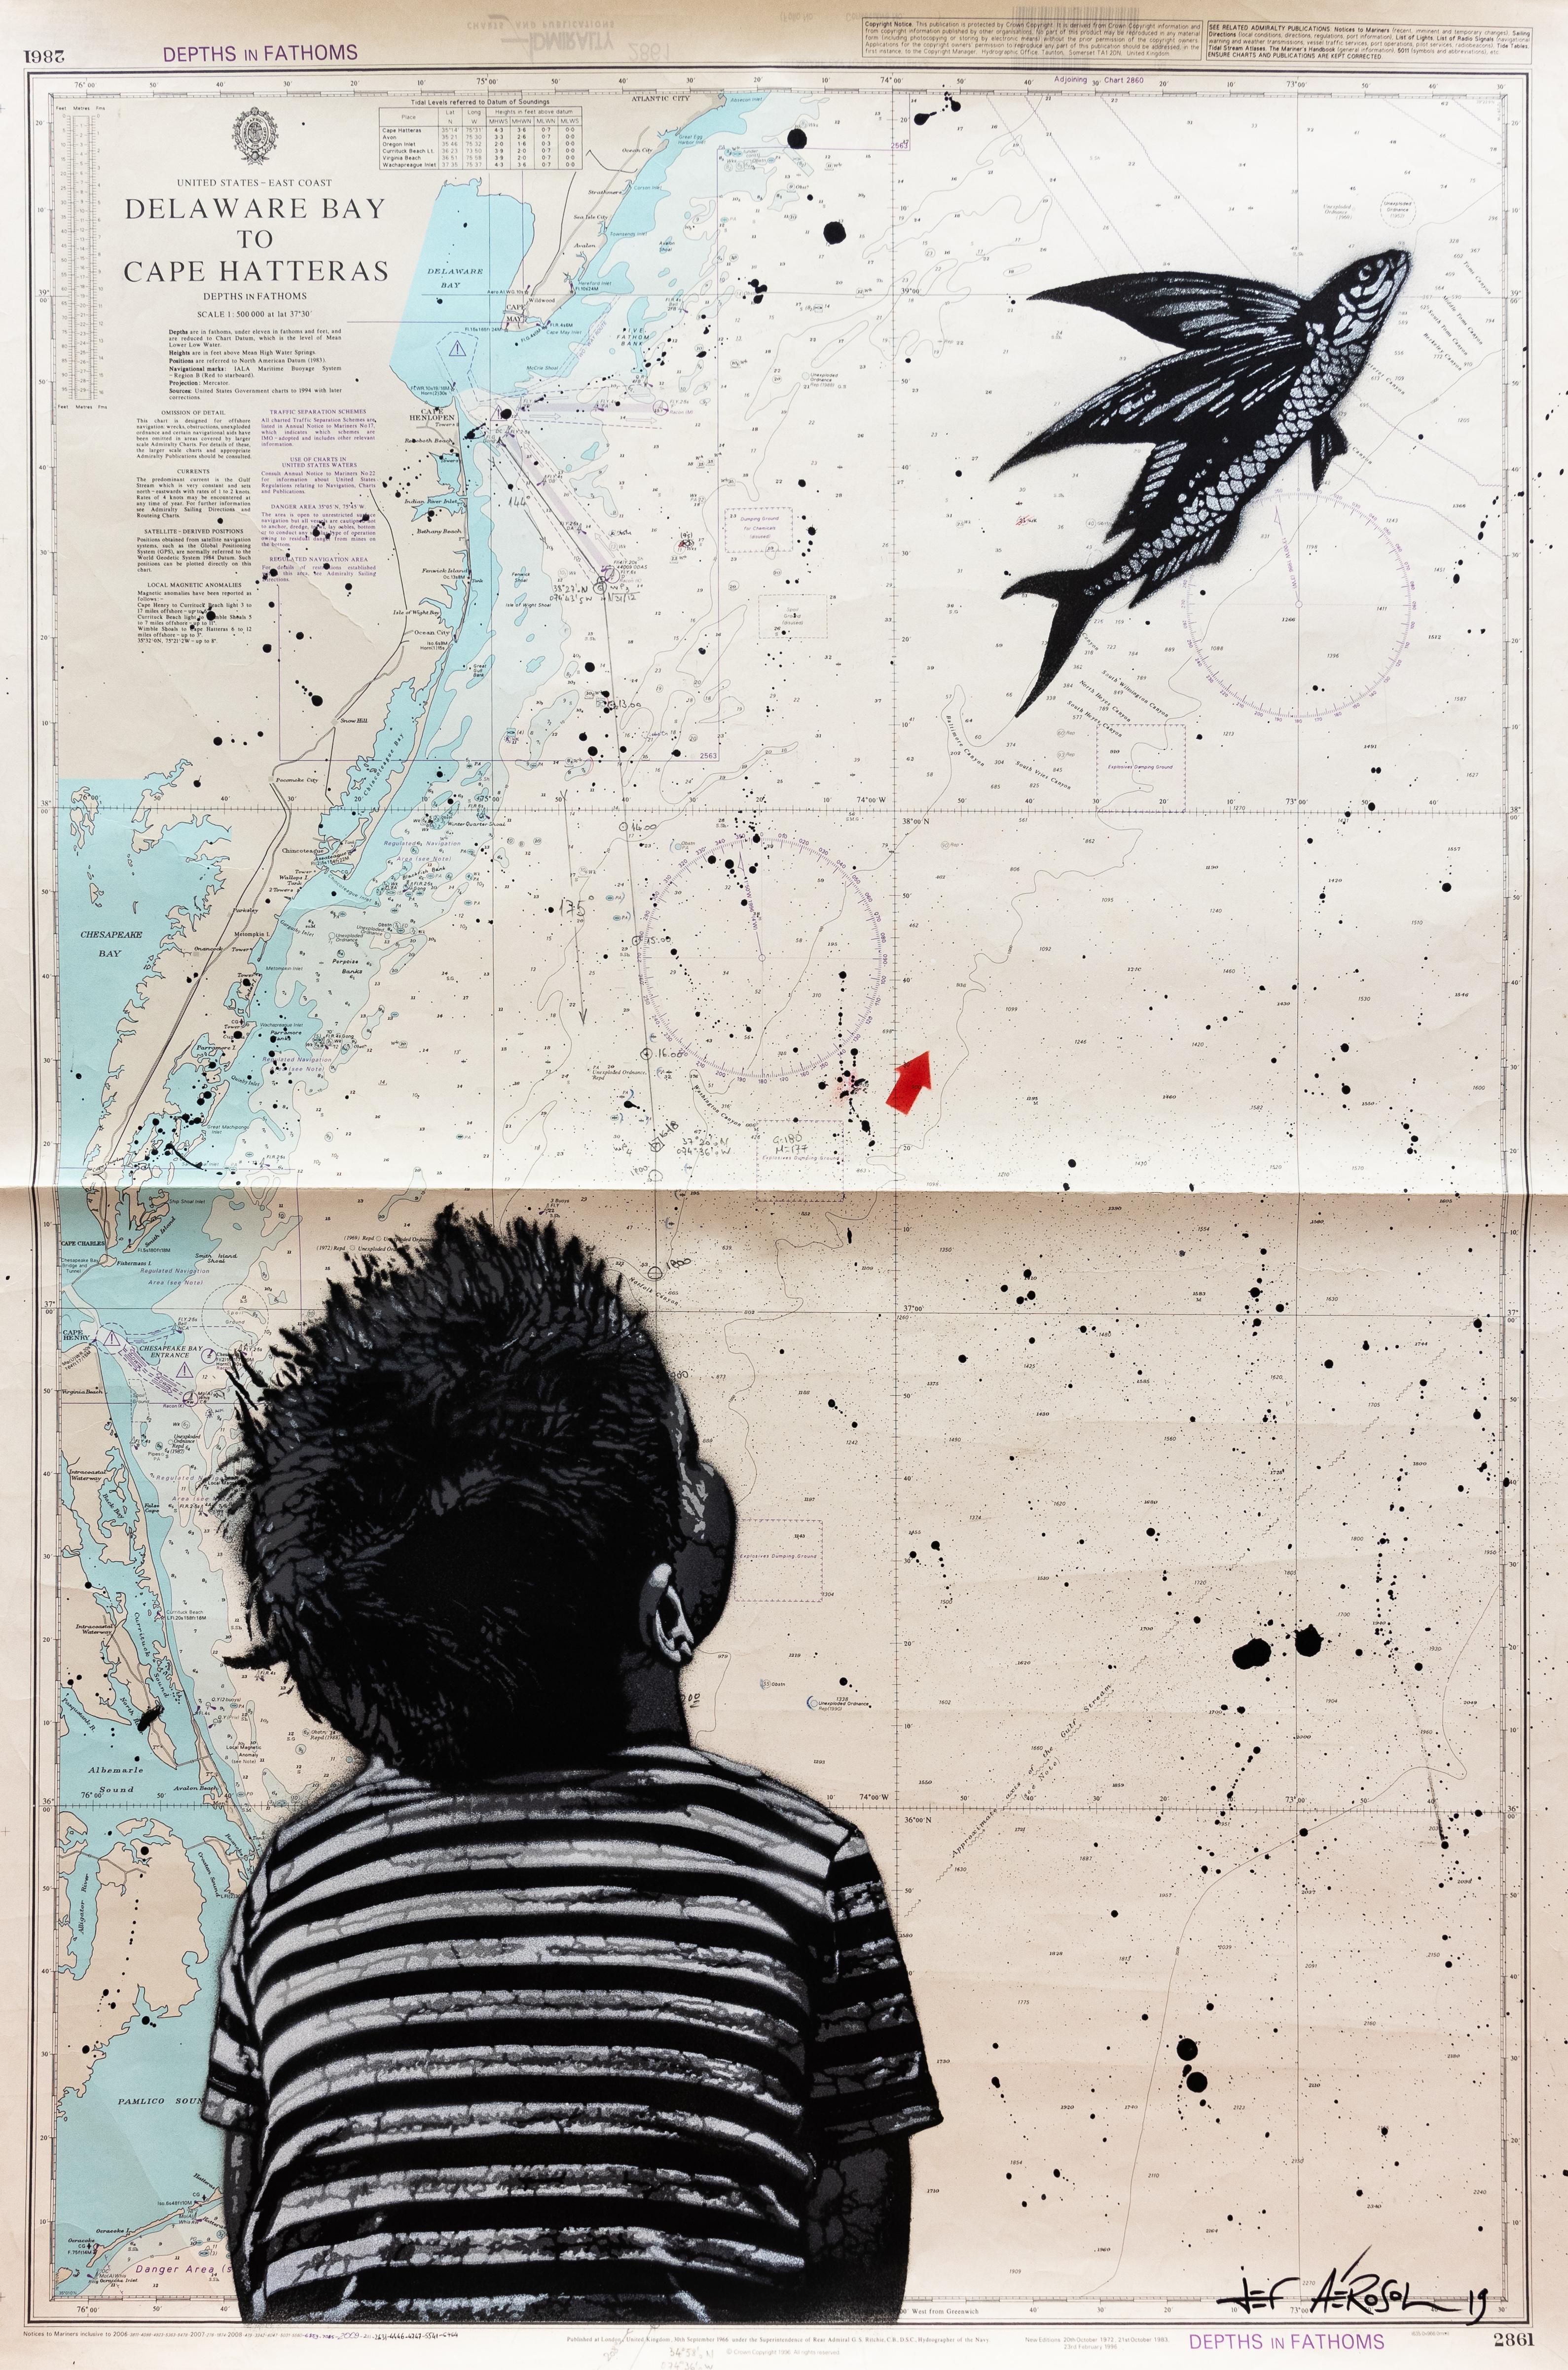 Carte n°35 - Jef Aerosol - Flying fish over Delaware Bay